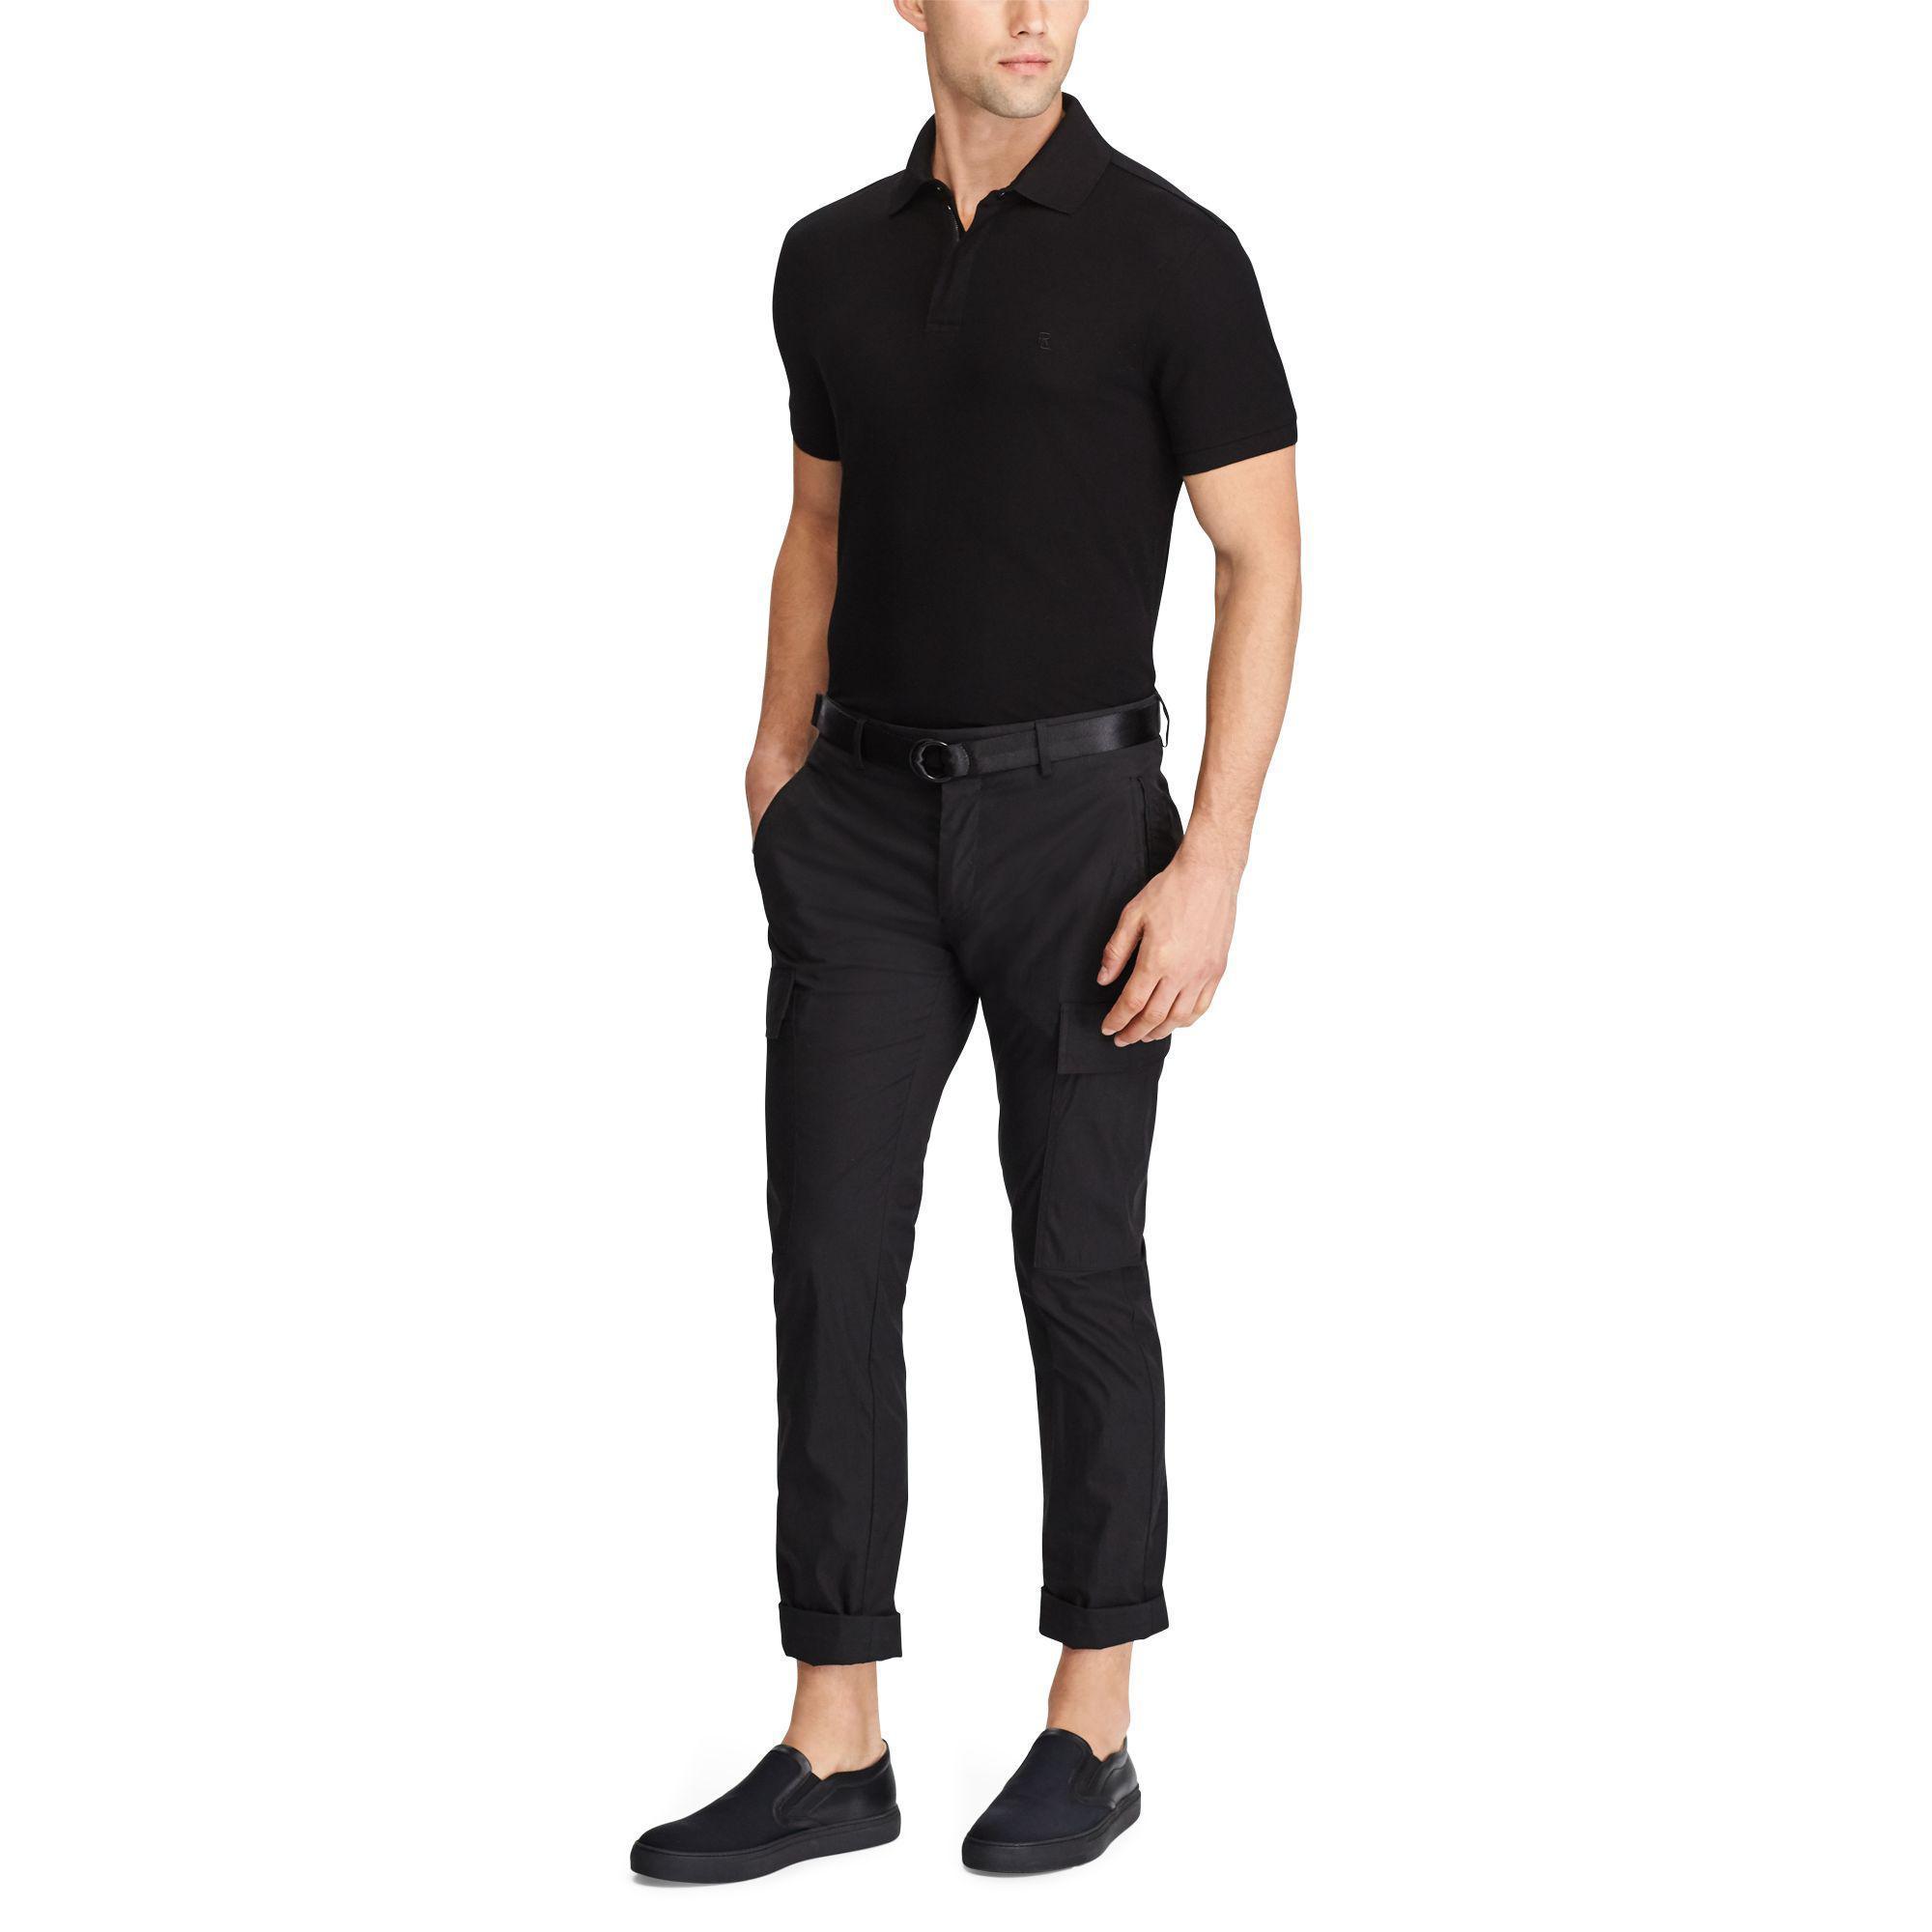 Ralph Lauren Purple Label - Black Zip-placket Stretch Pique Polo for Men -  Lyst. View fullscreen 461d4b3af86e4